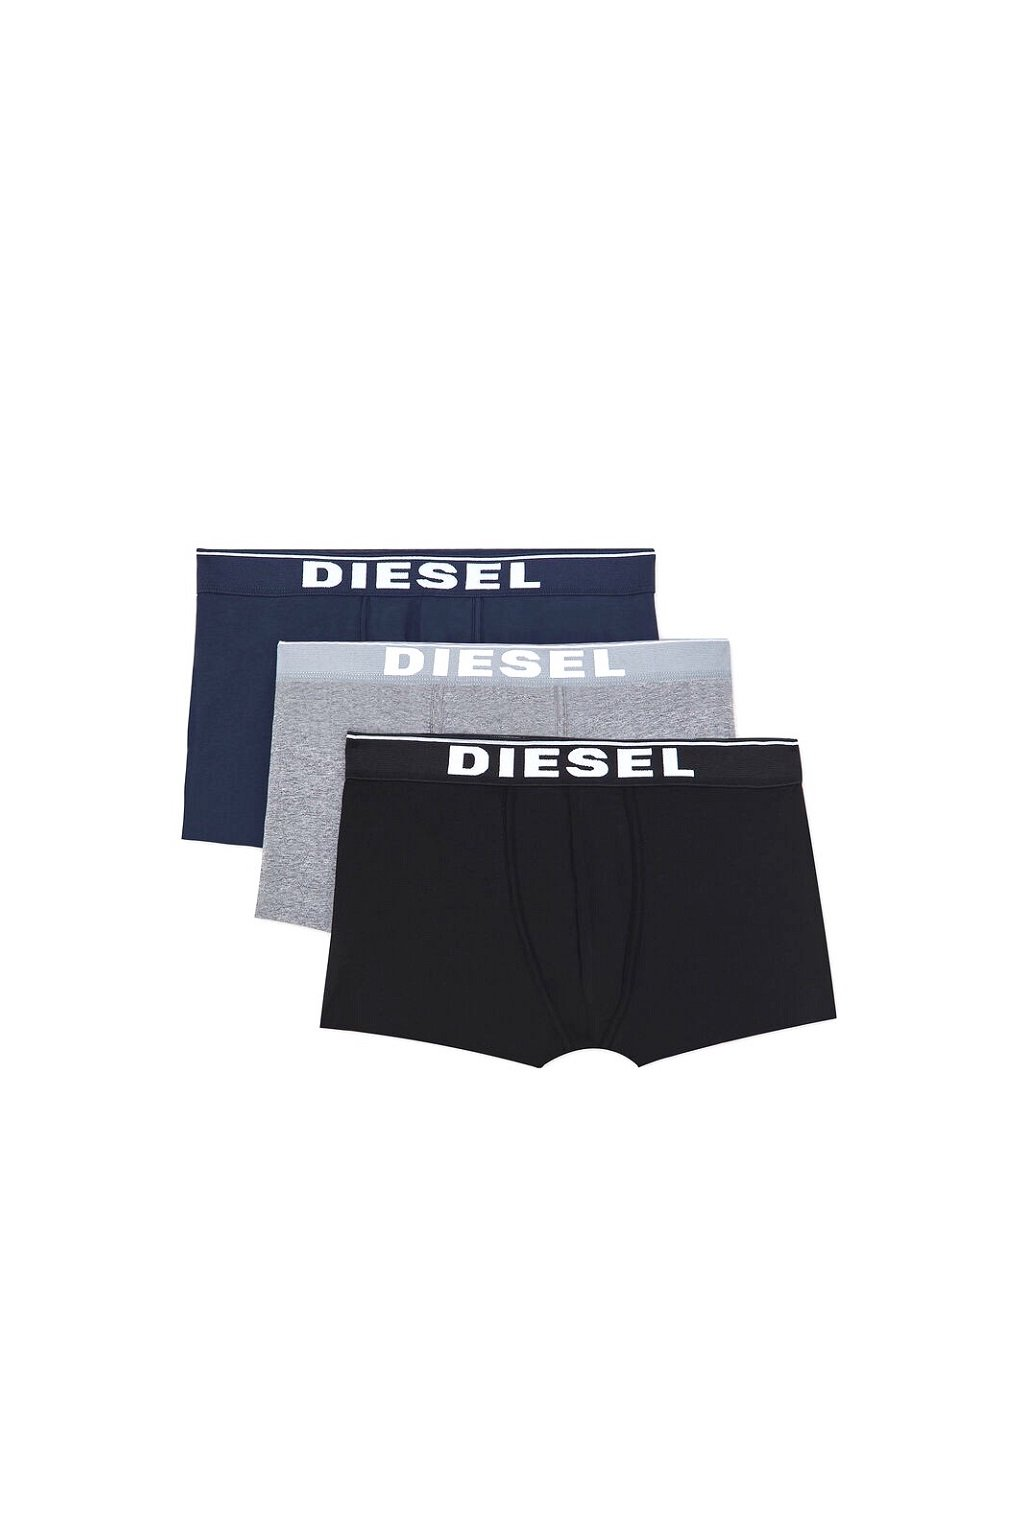 00ST3V 0JKKB E4125 Diesel boxerky Umbx Damienthreepack barevné